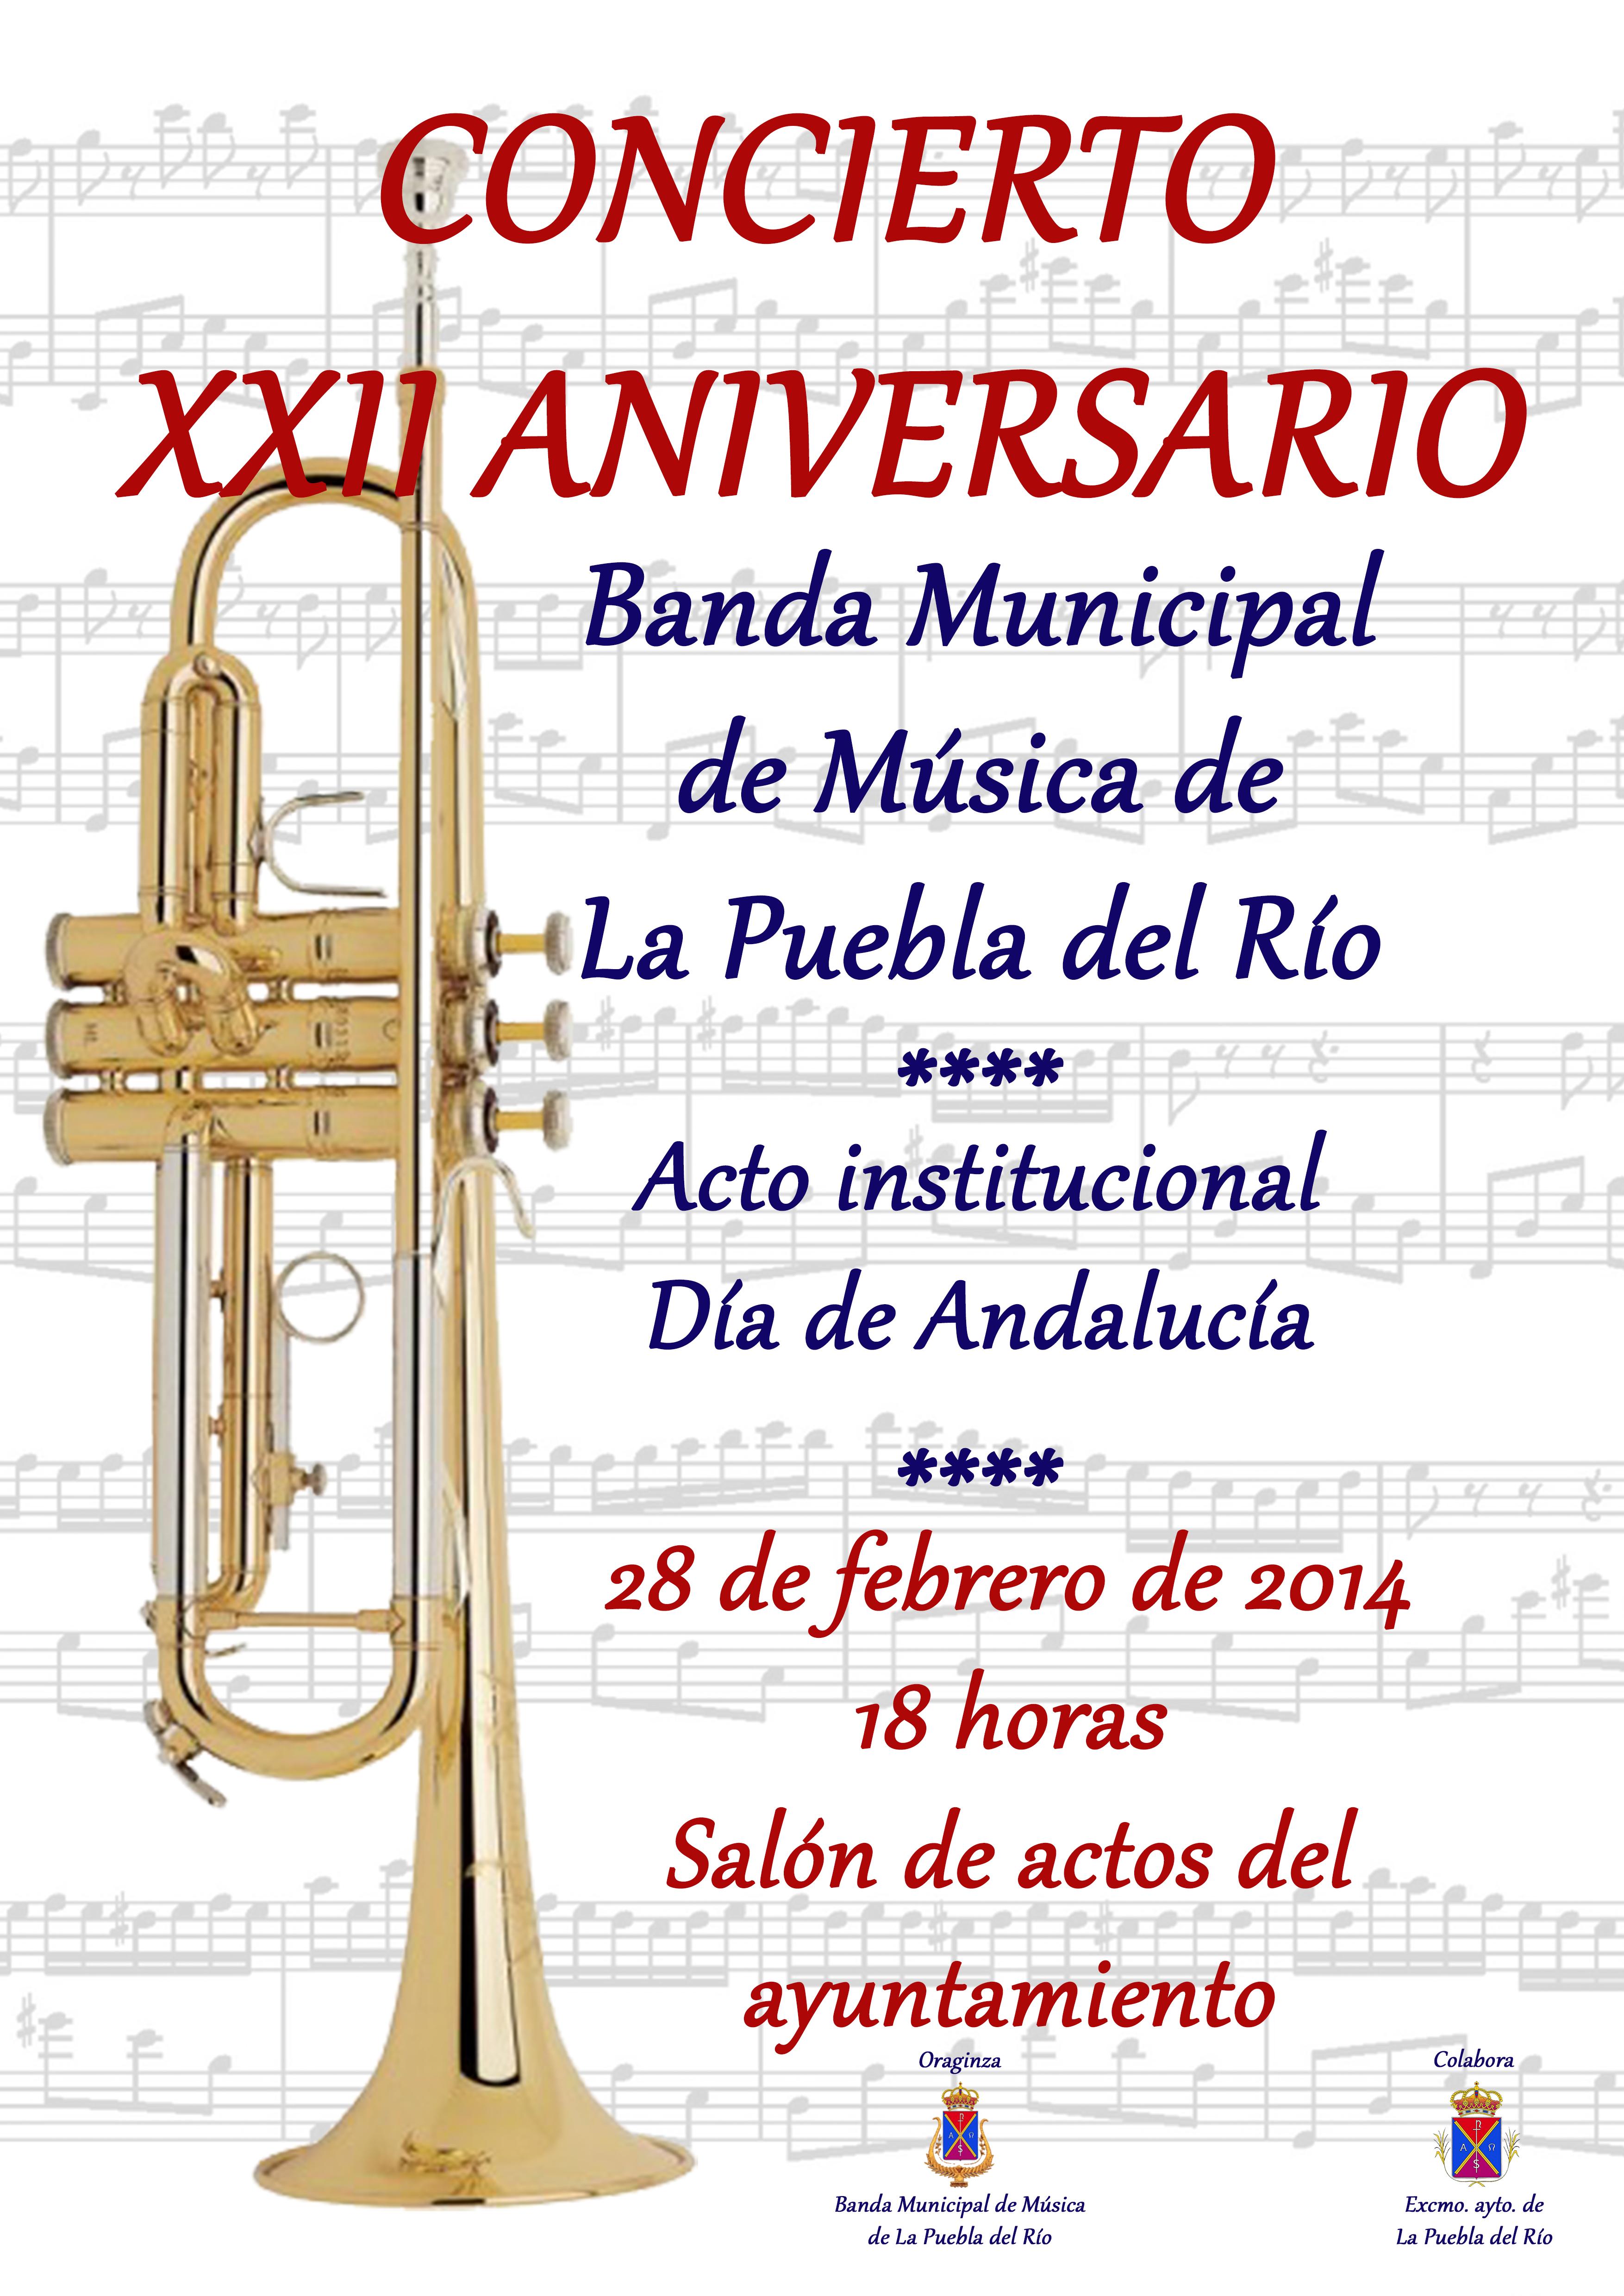 Concierto XXII aniversario